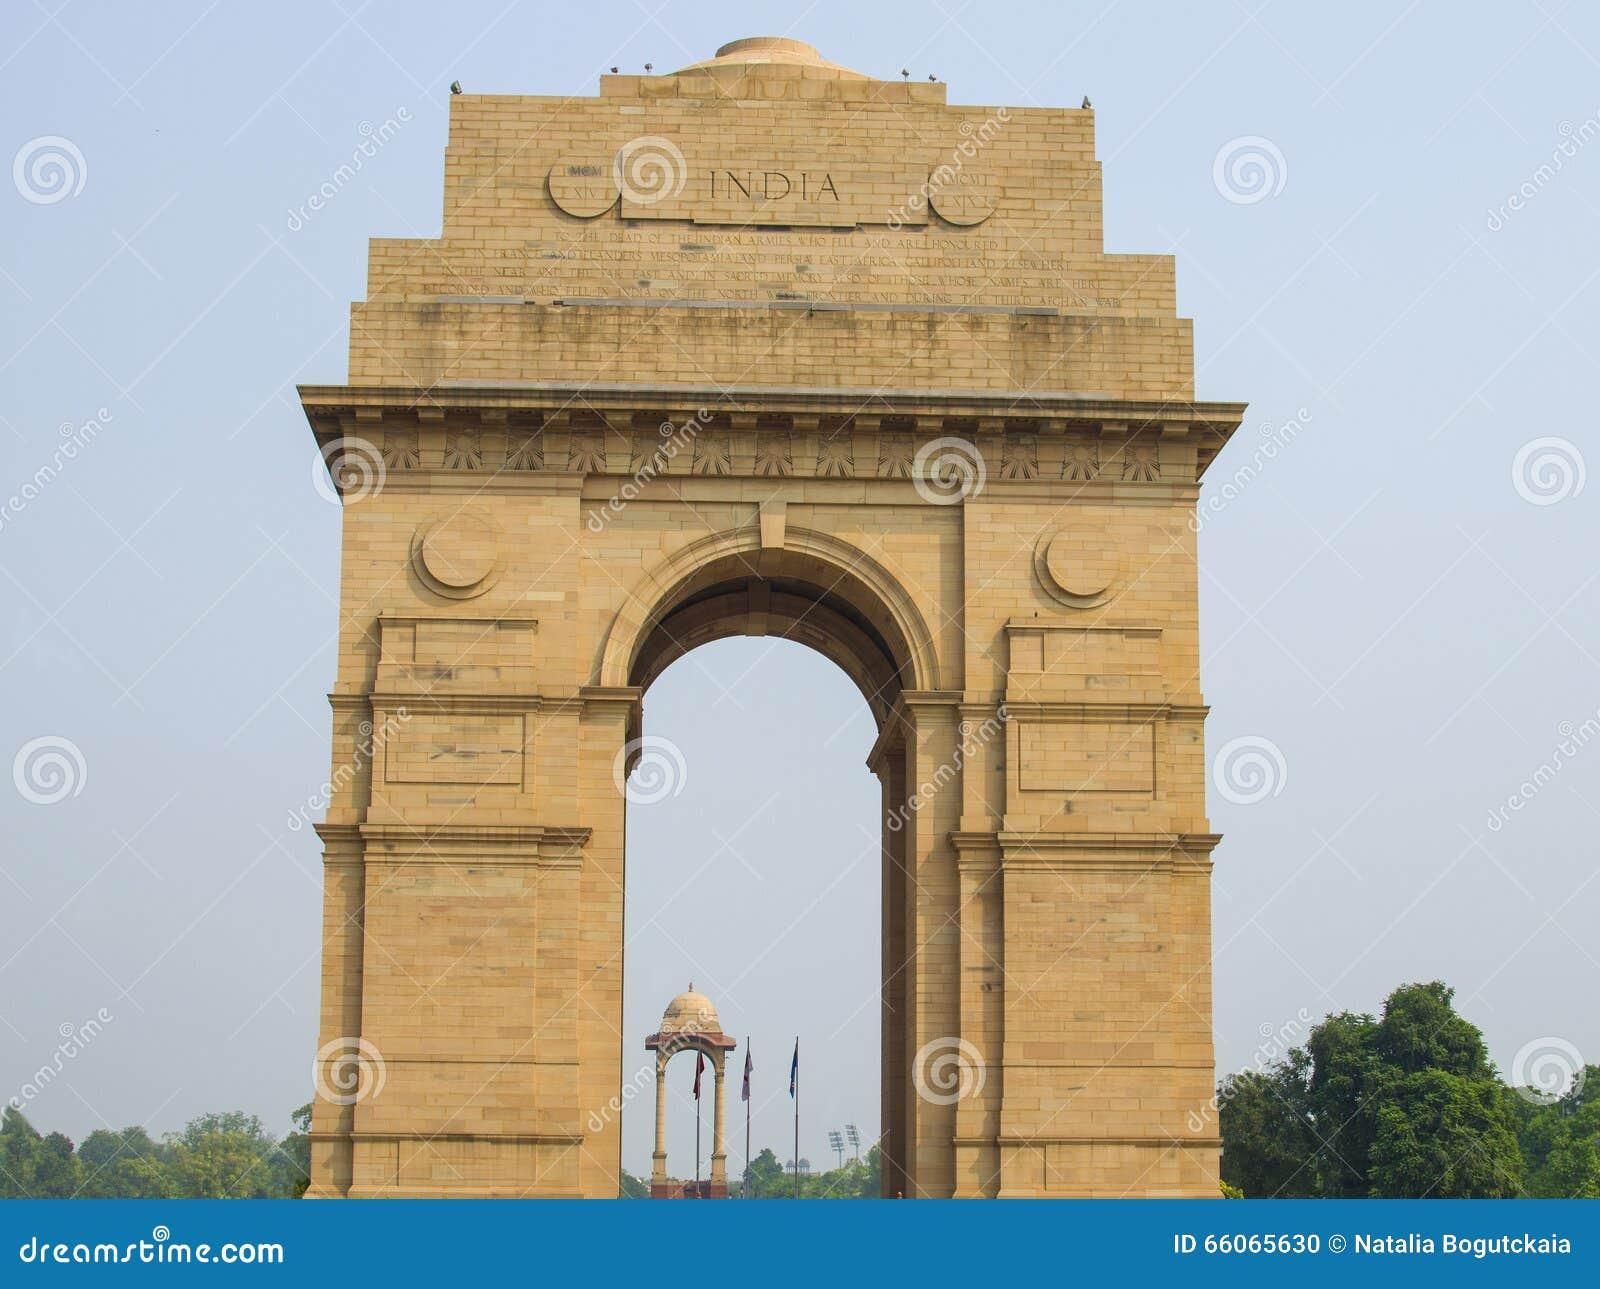 Poort van India in de hoofdstad van India